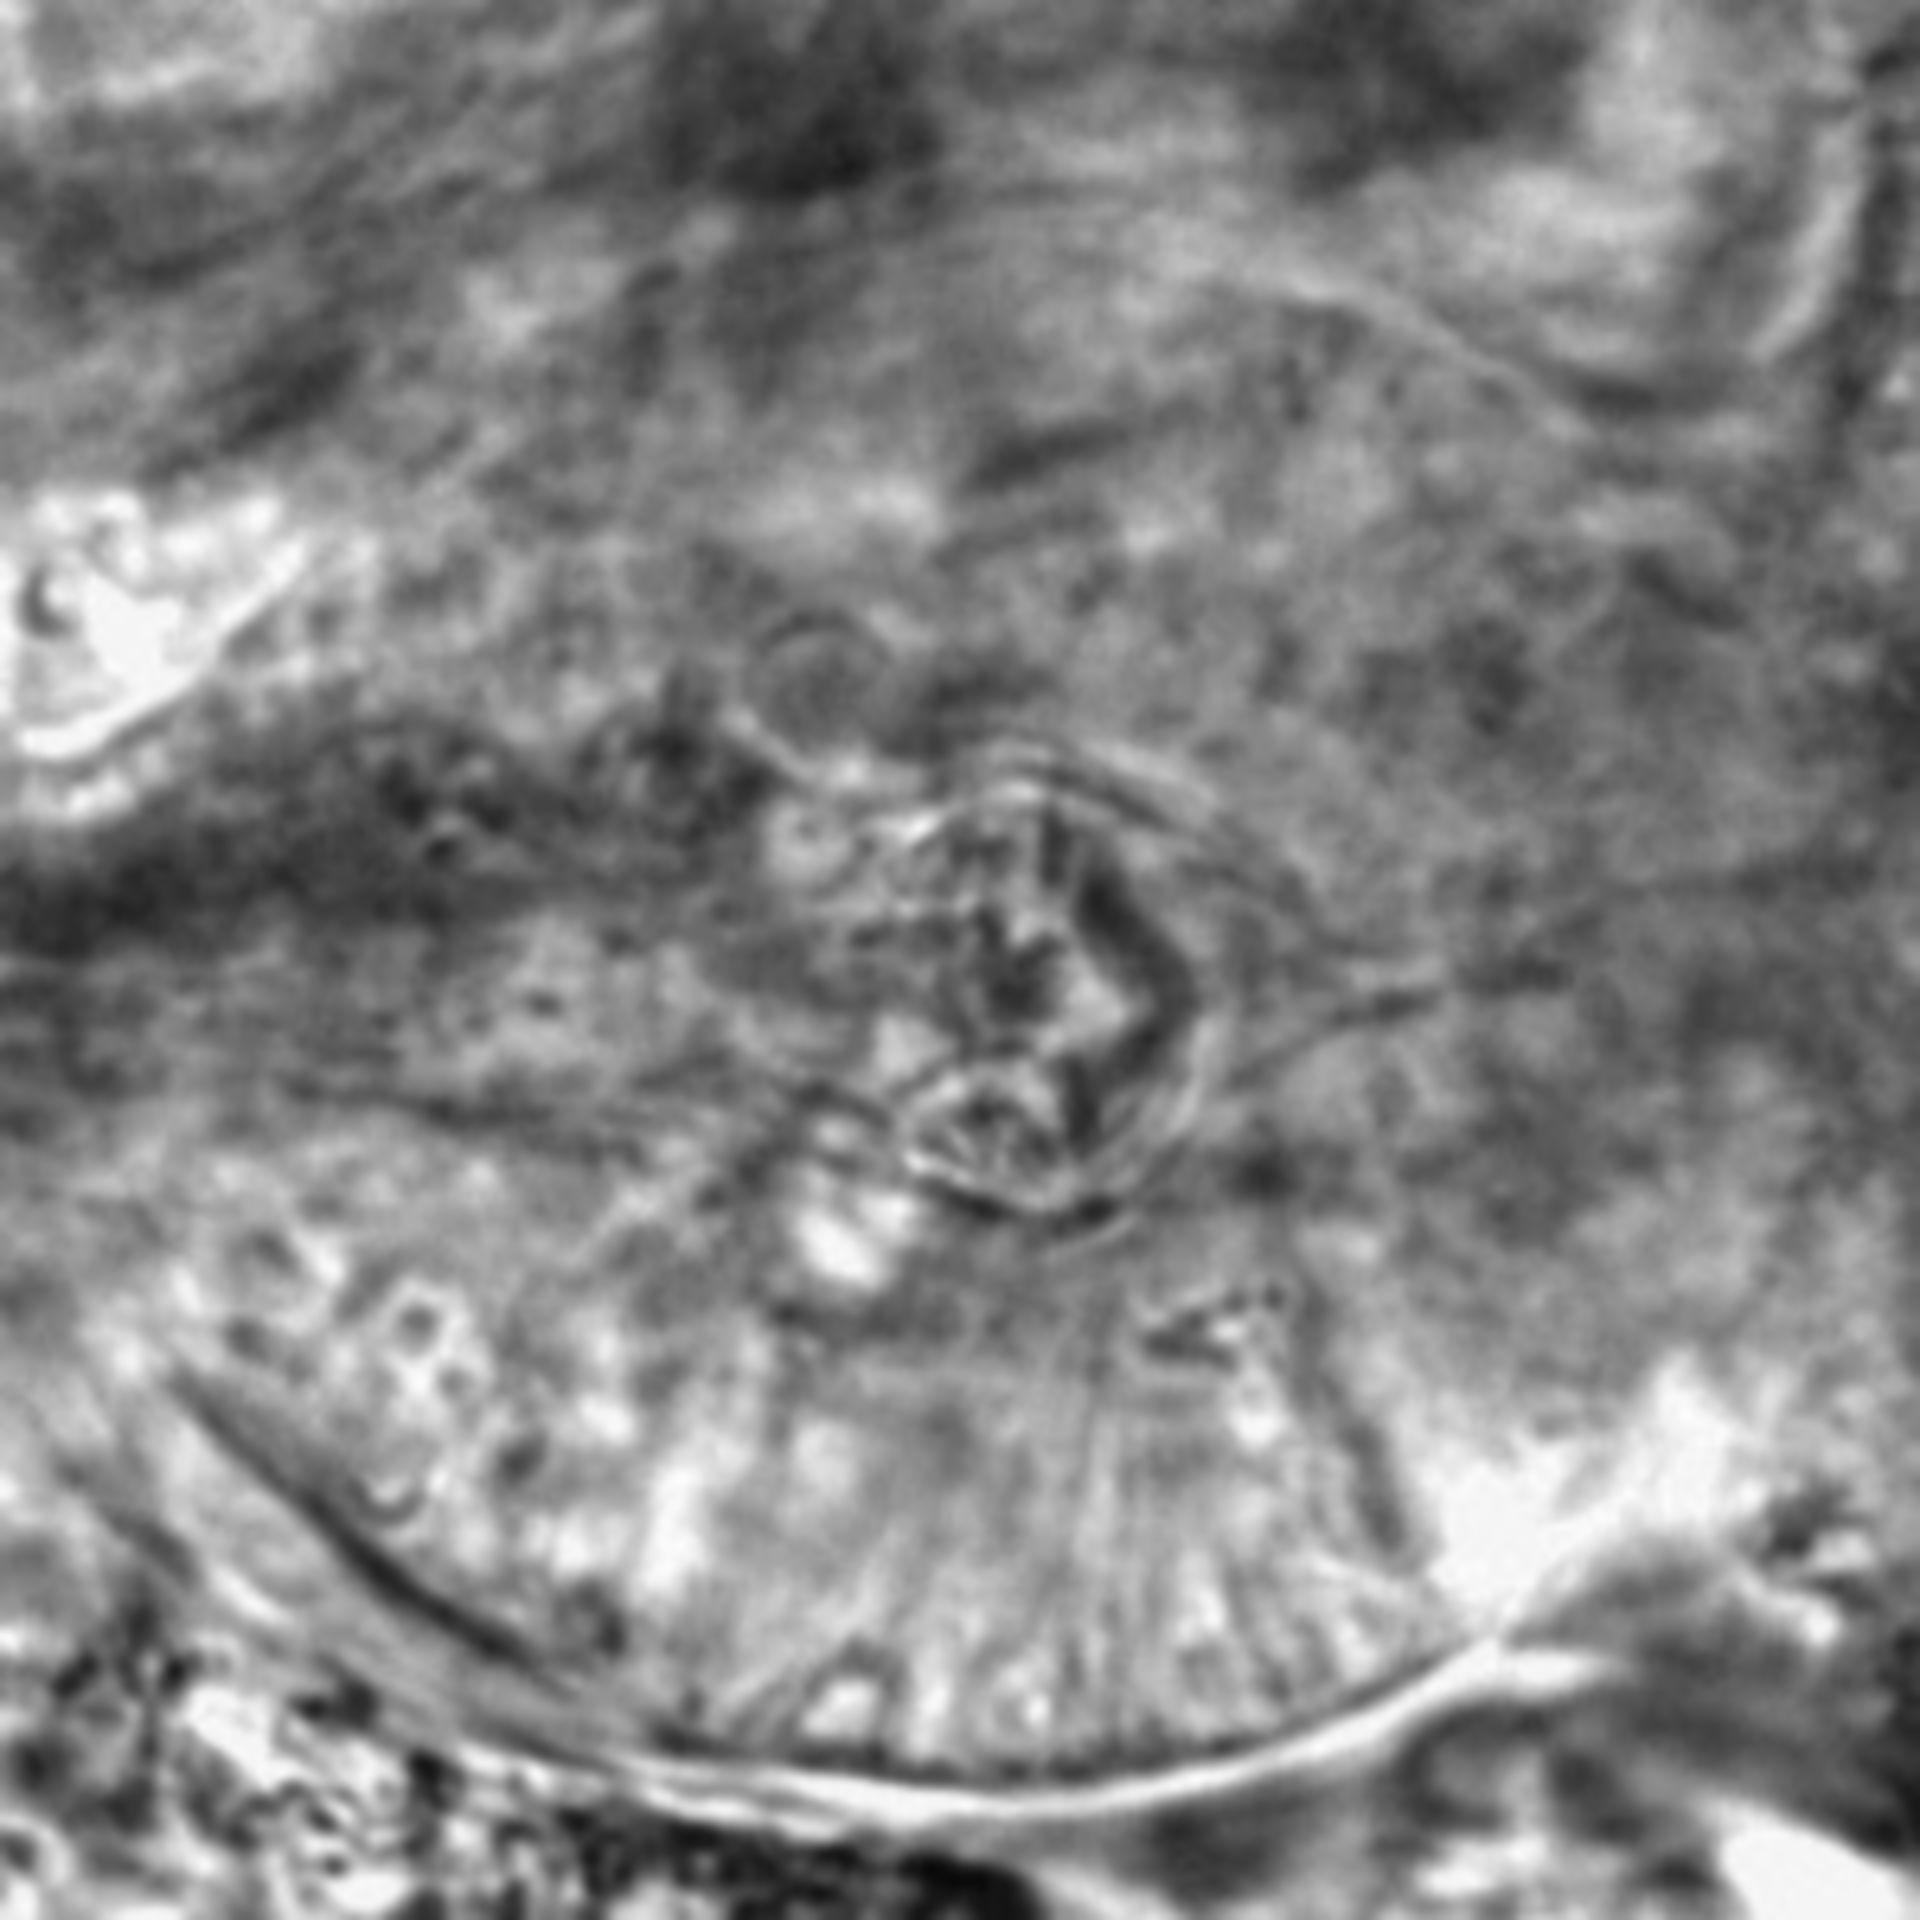 Caenorhabditis elegans - CIL:2543